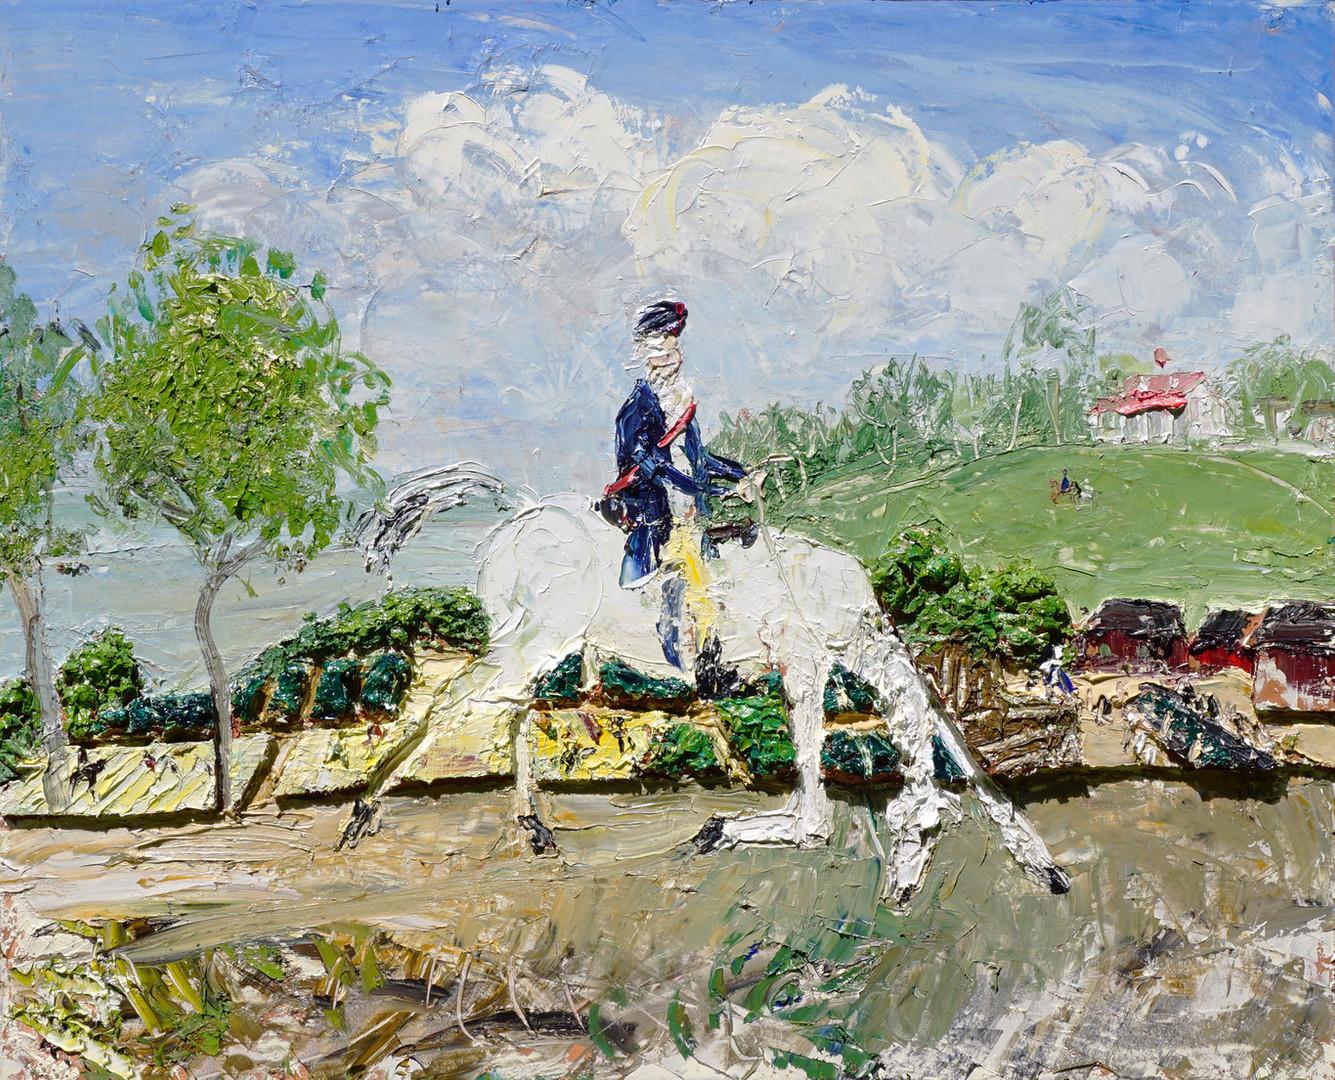 JOHN BRADFORD Washington Returns to Mount Vernon, 2019 acrylic, oil on canvas 48 x 60 in (121.9 x 152.4 cm)